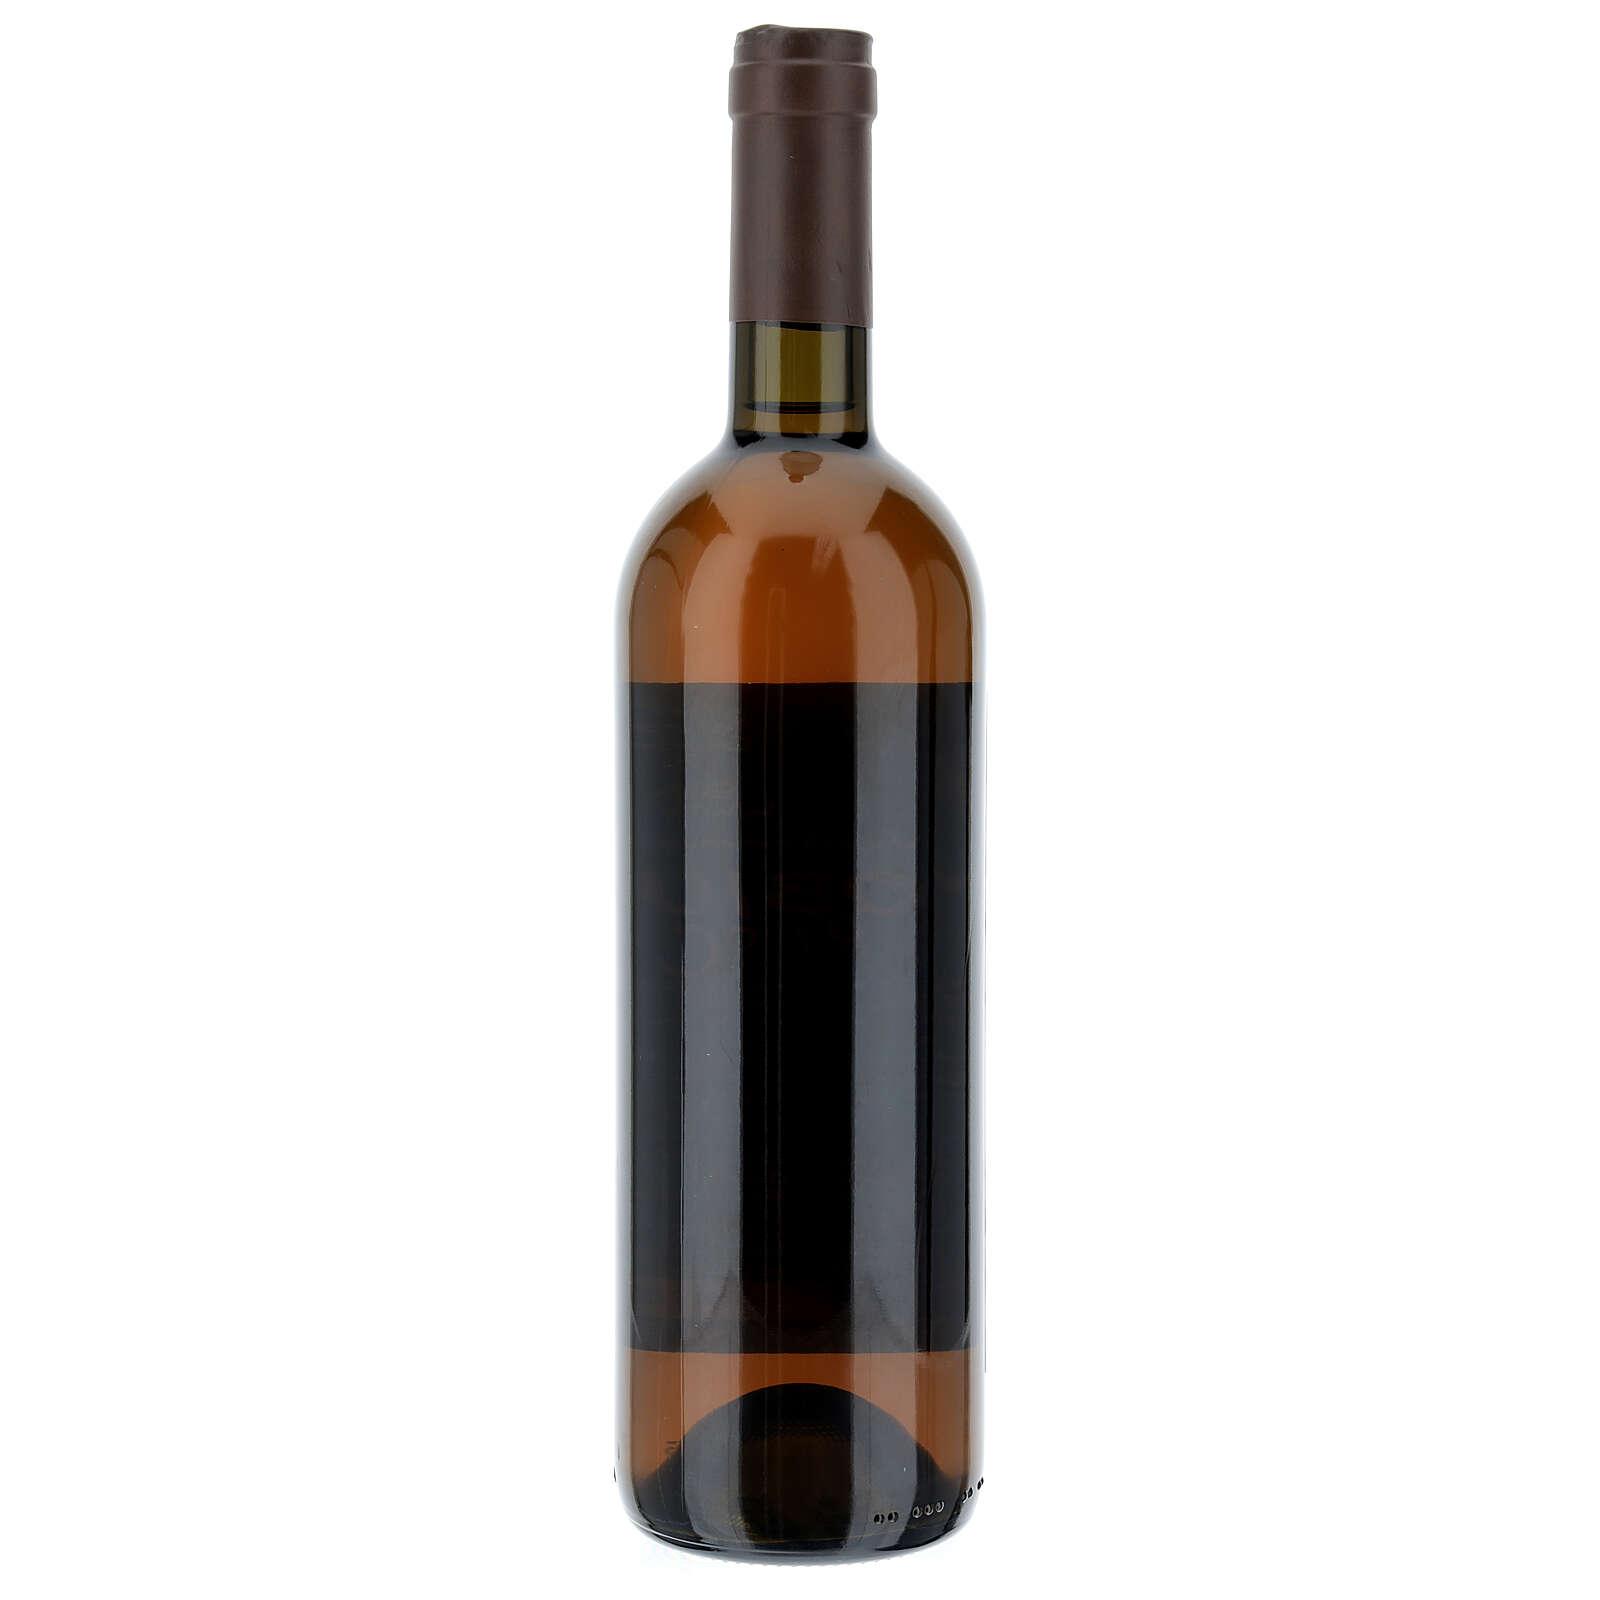 Vitorchiano Coenobium Ruscum 2019 white wine 750ml 3